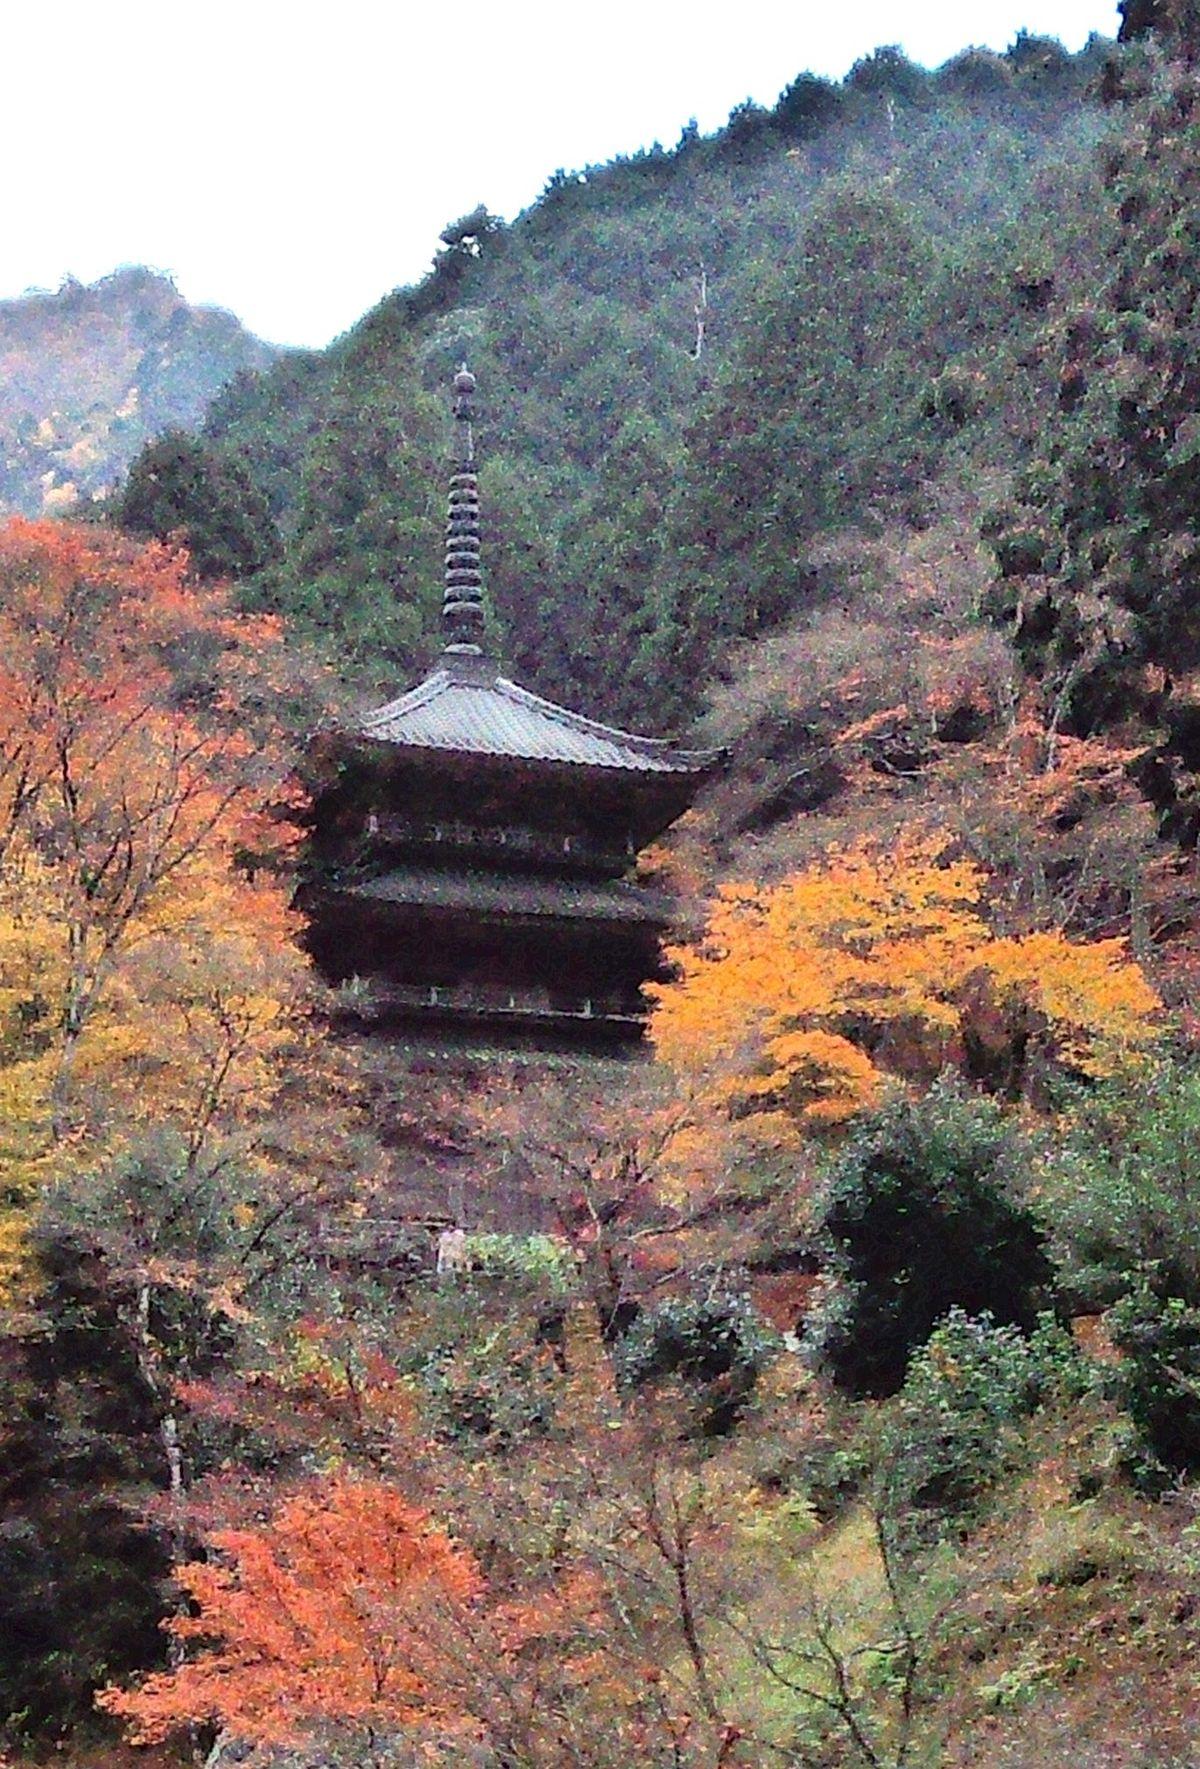 高源寺 (丹波市) - Wikipedia